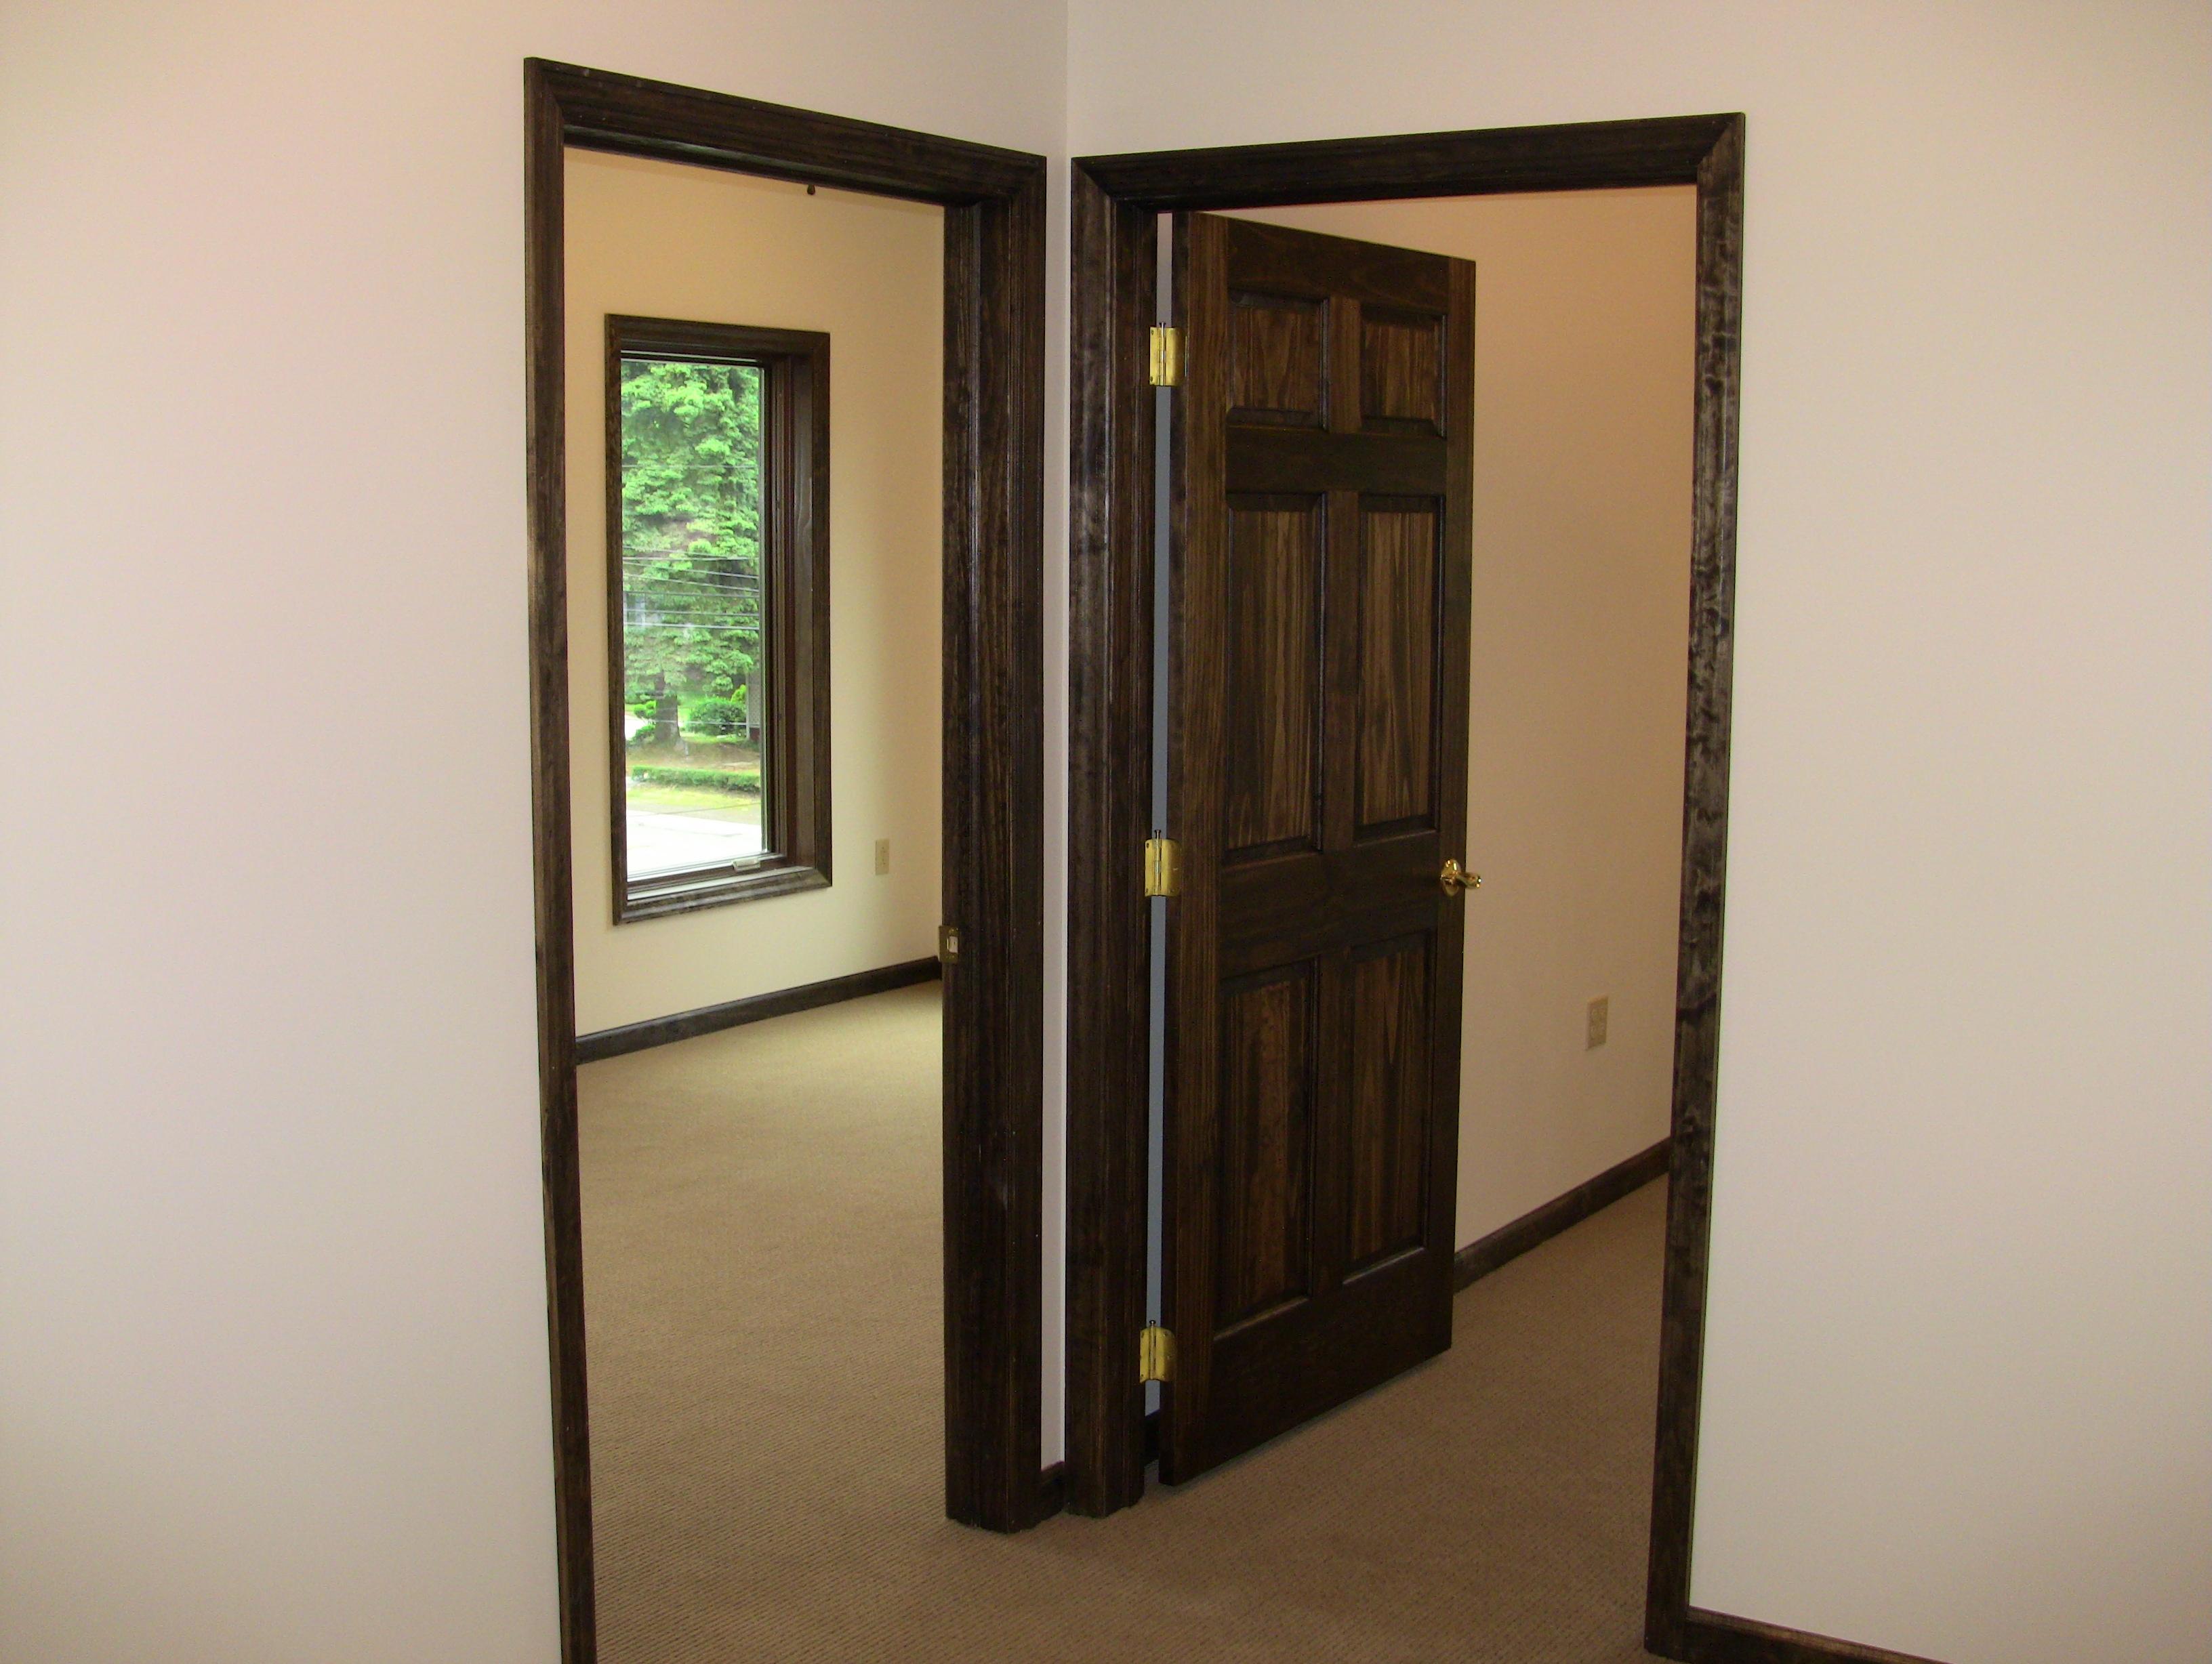 Superbe Finest Dark Interior Doors And Trim Best Accessories Home With Dark  Interior Doors.